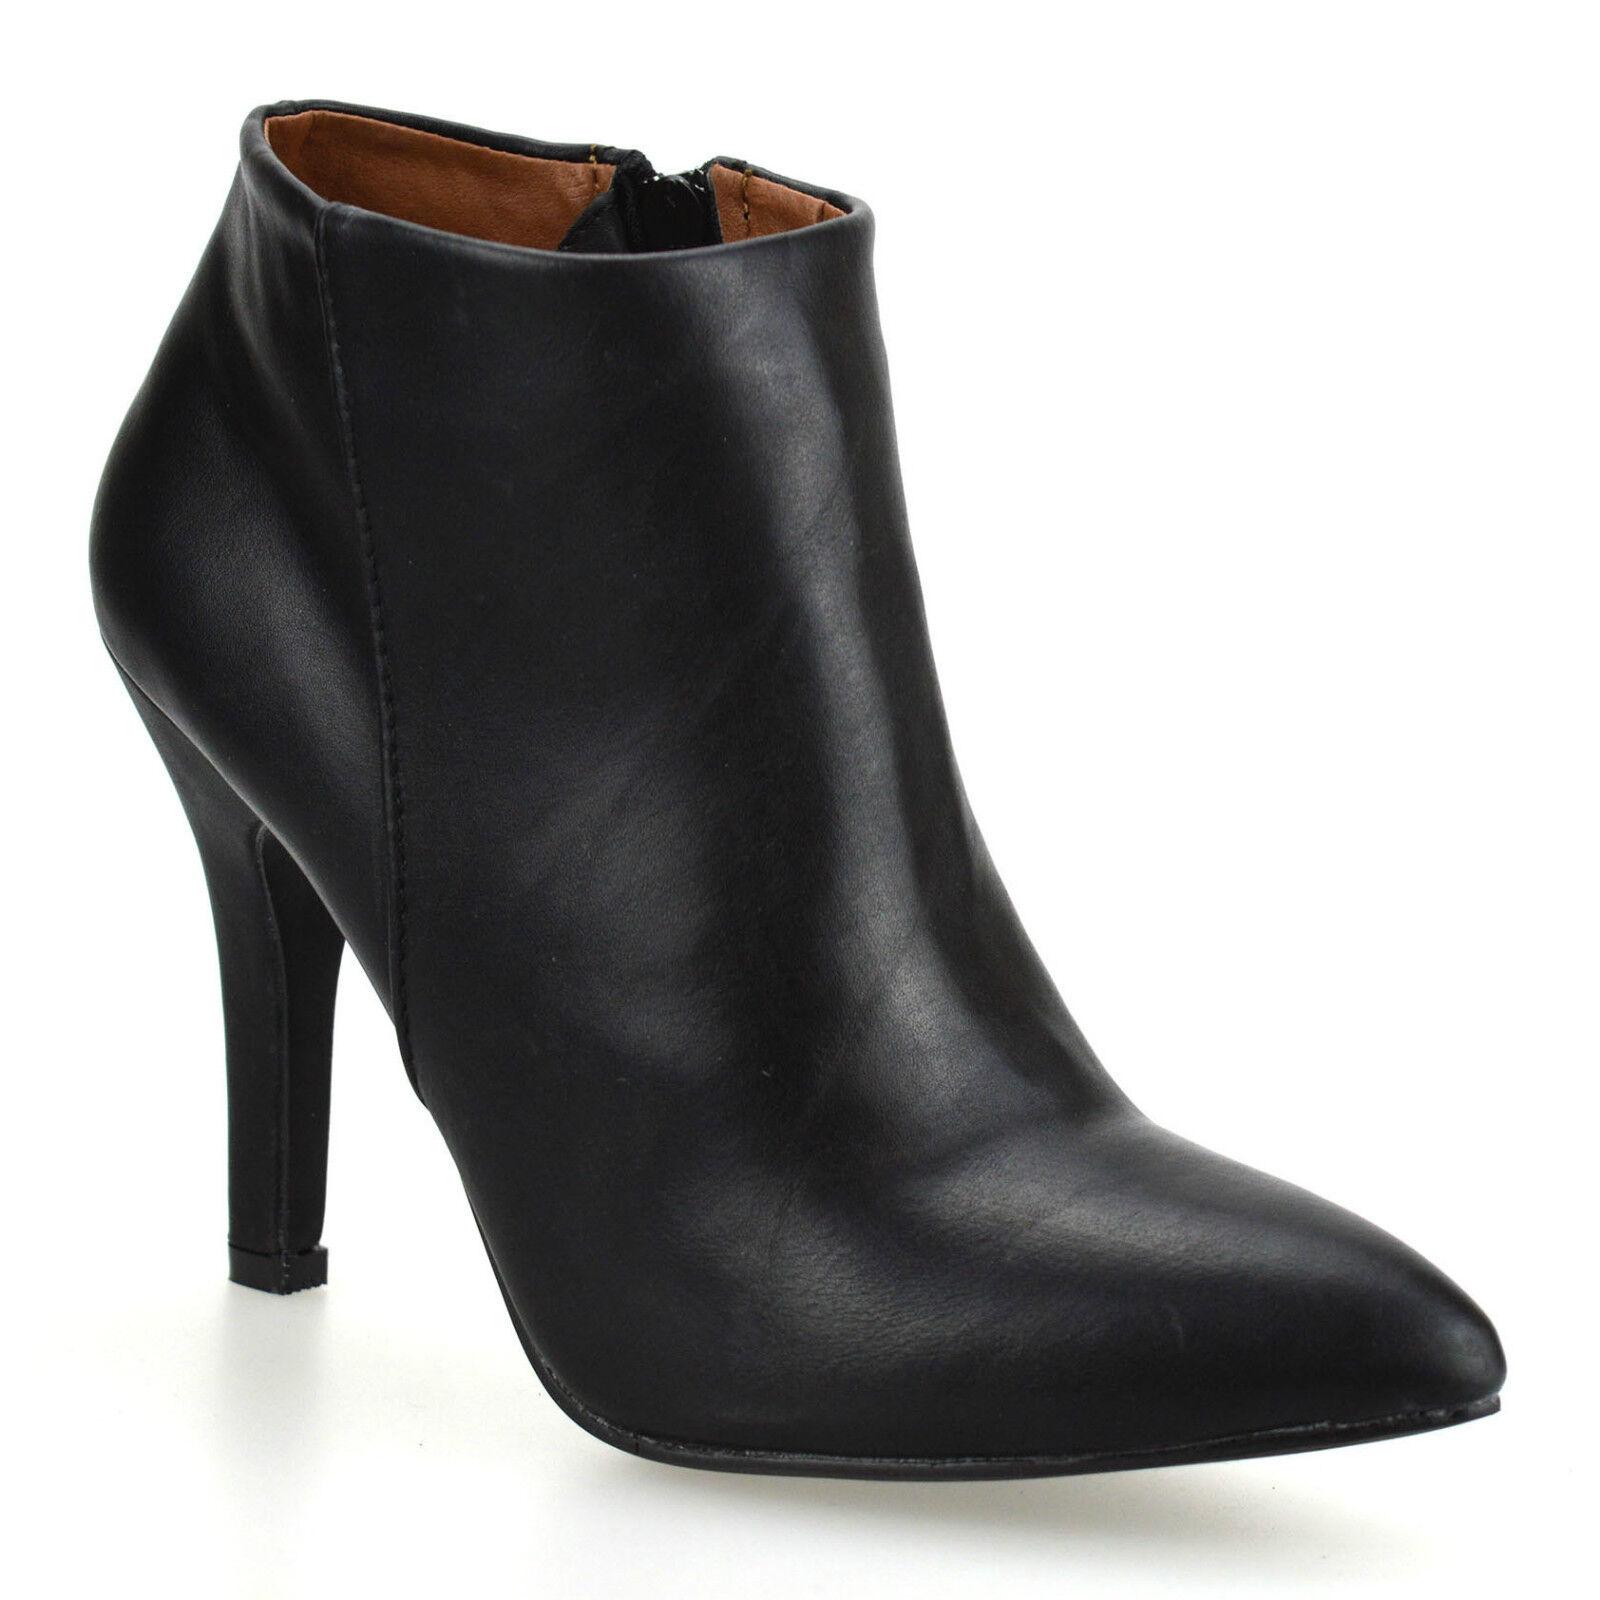 Ladies Womens New High Heel Zip Up Chelsea Booties Ankle Biker Boots Shoes Size